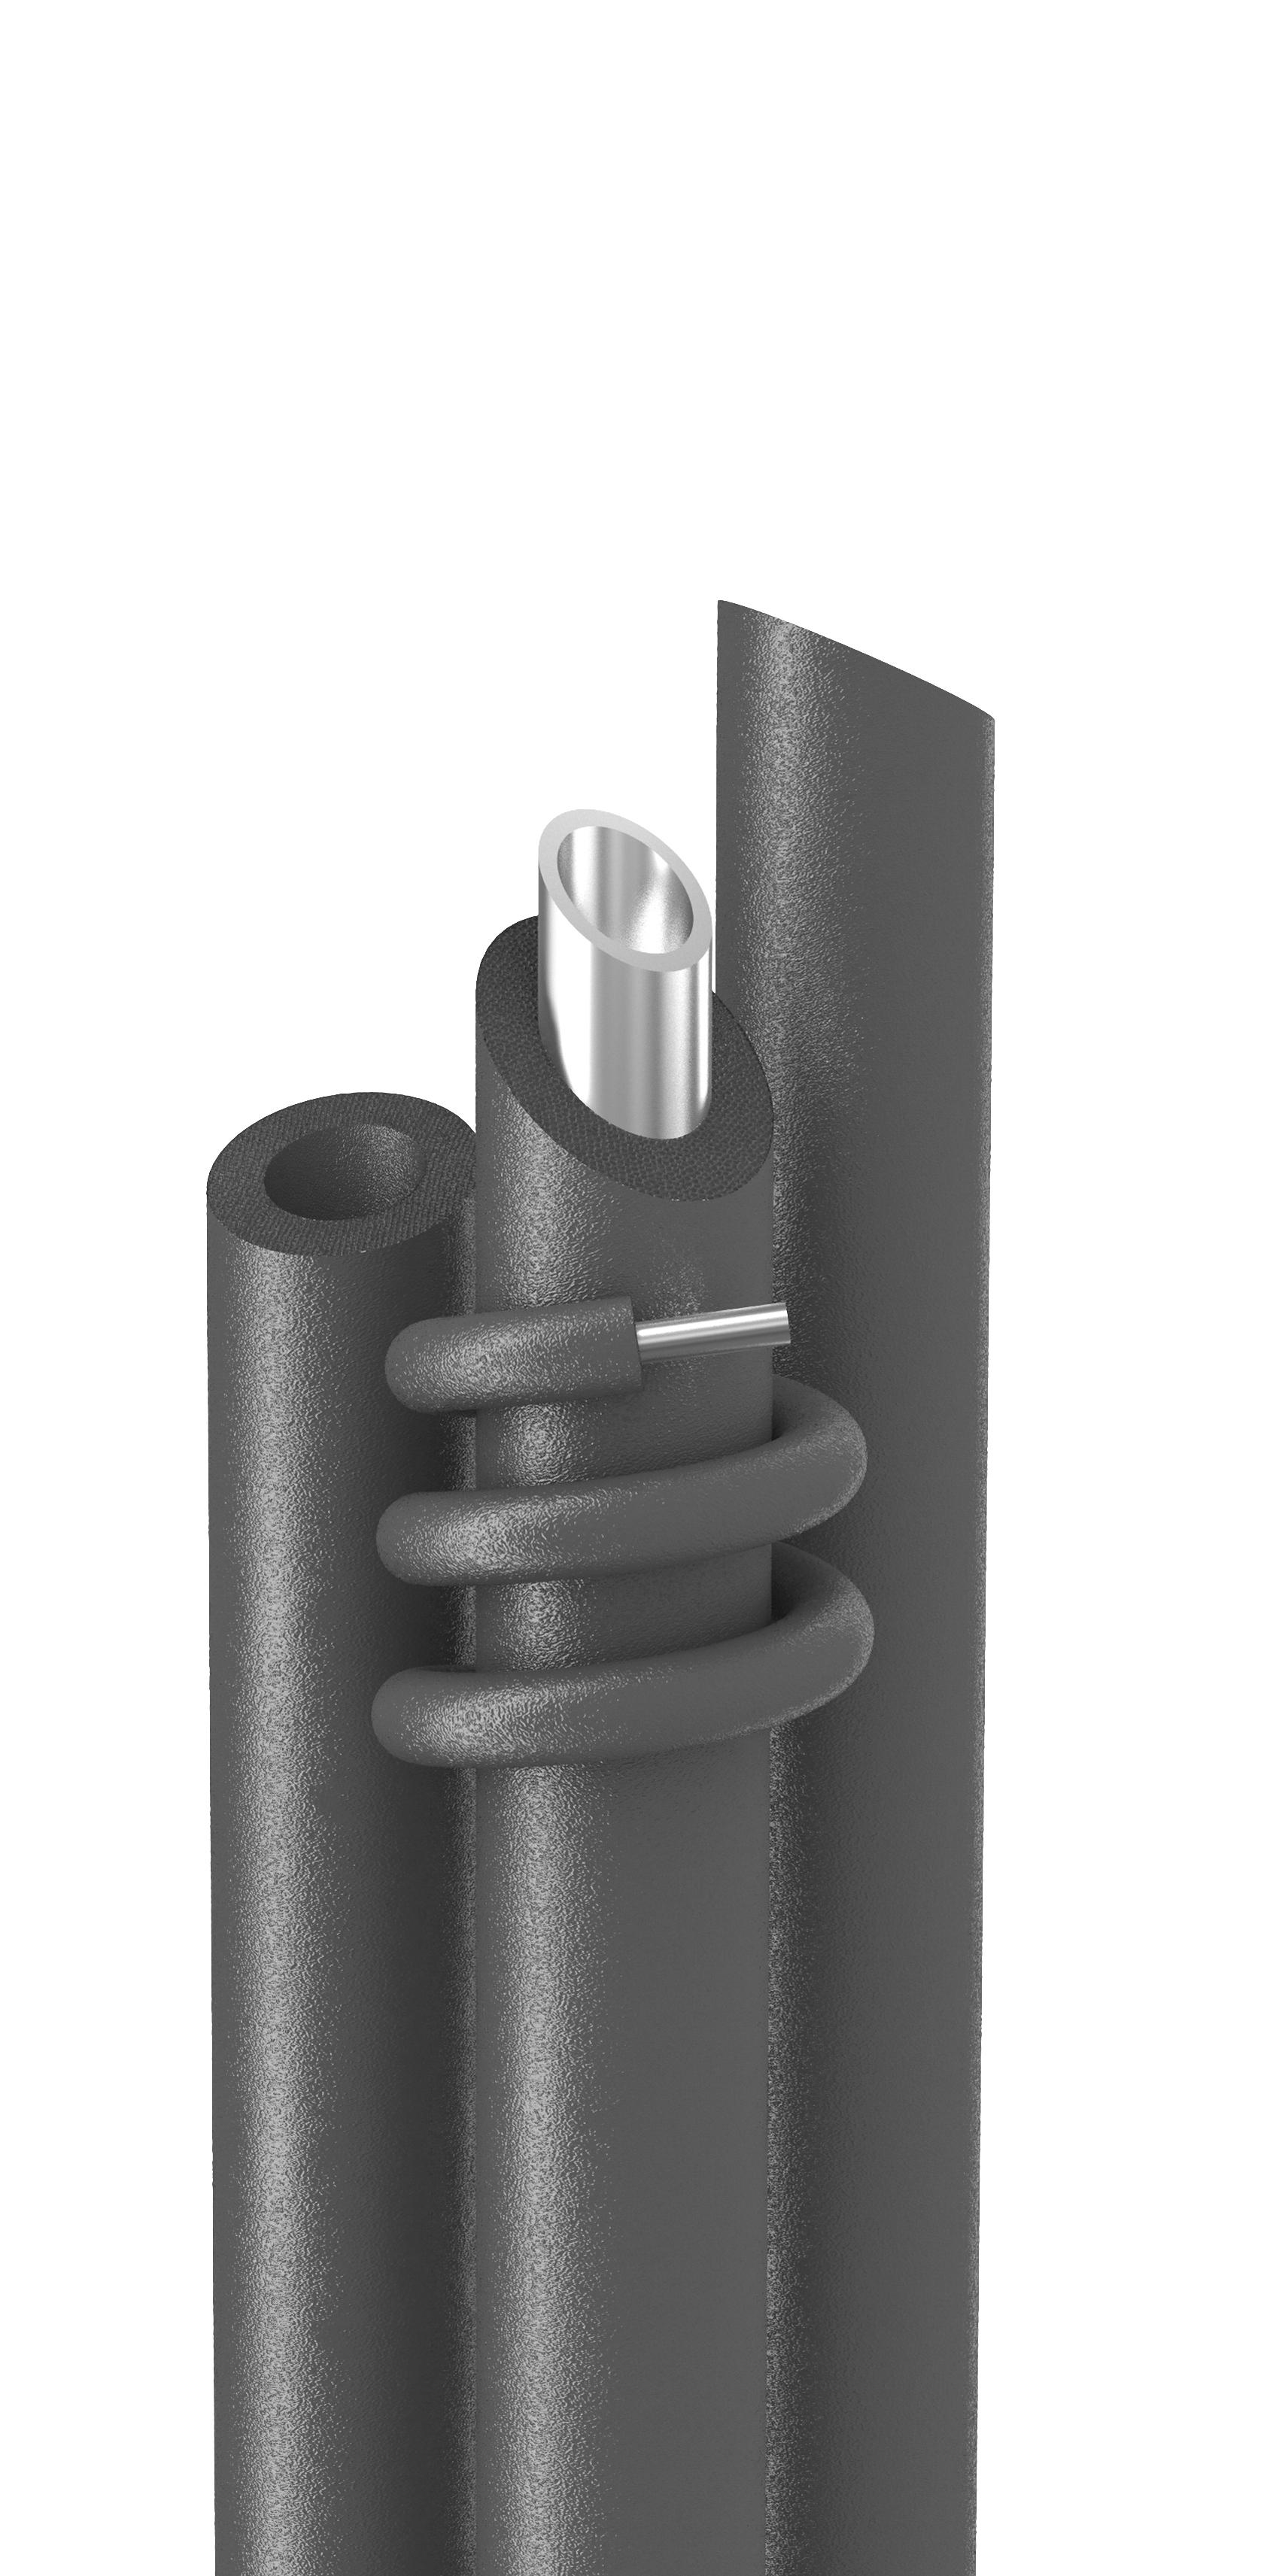 Трубки Energoflex толщ.13мм диам.22